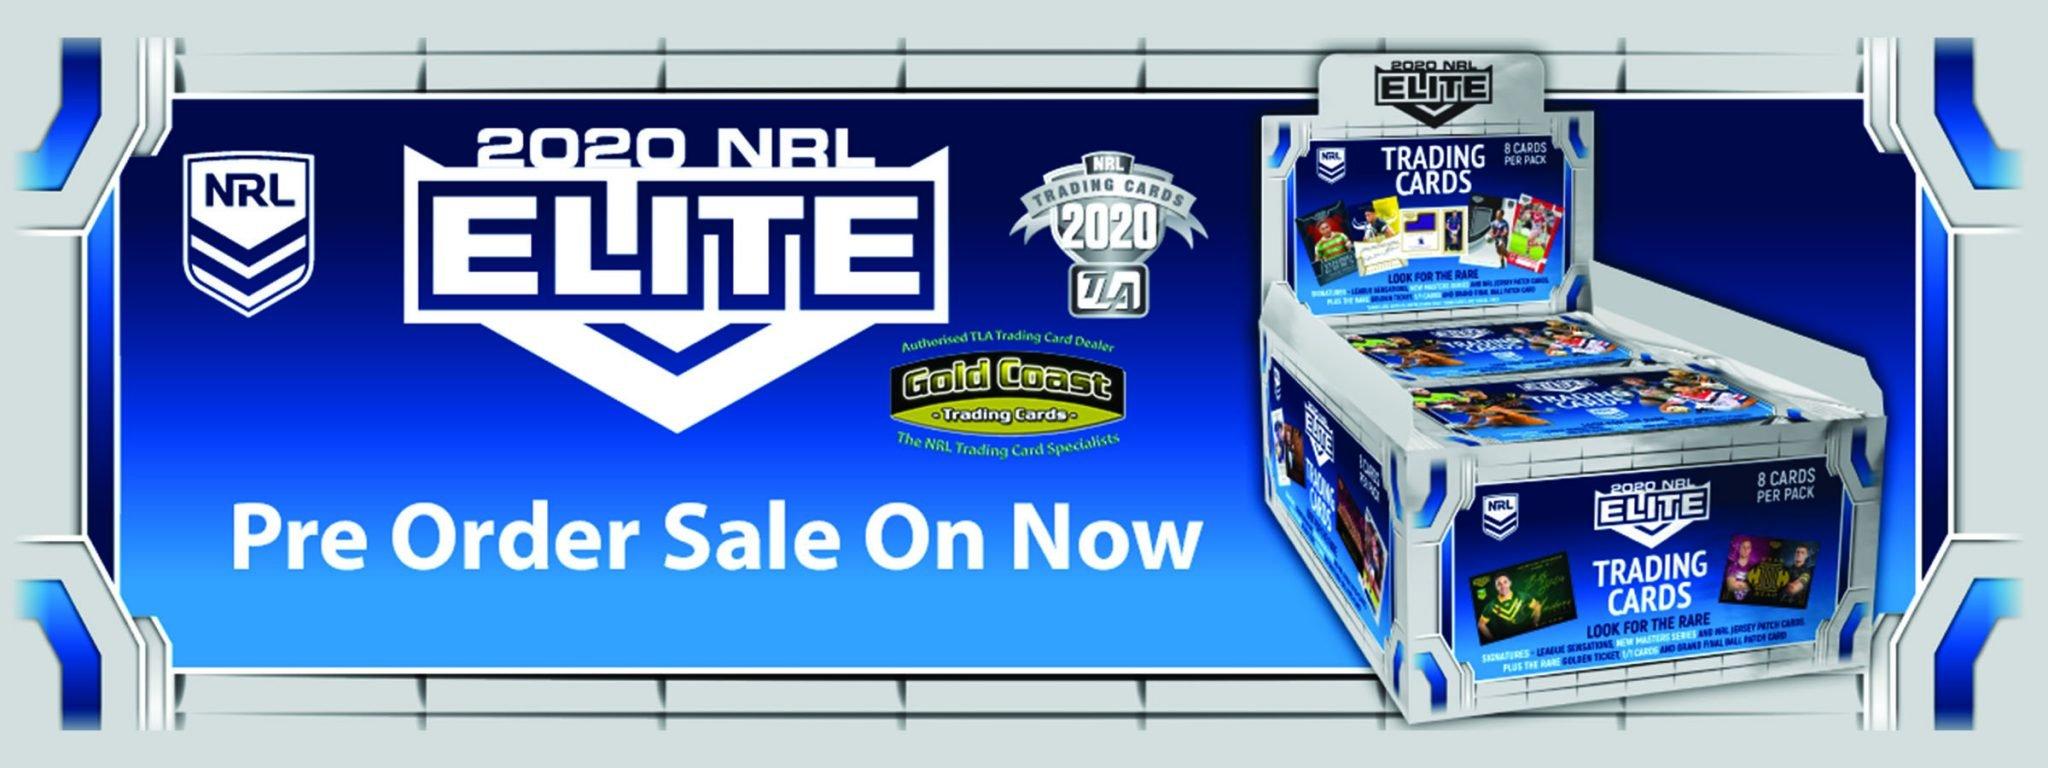 2020 NRL Elite Banner